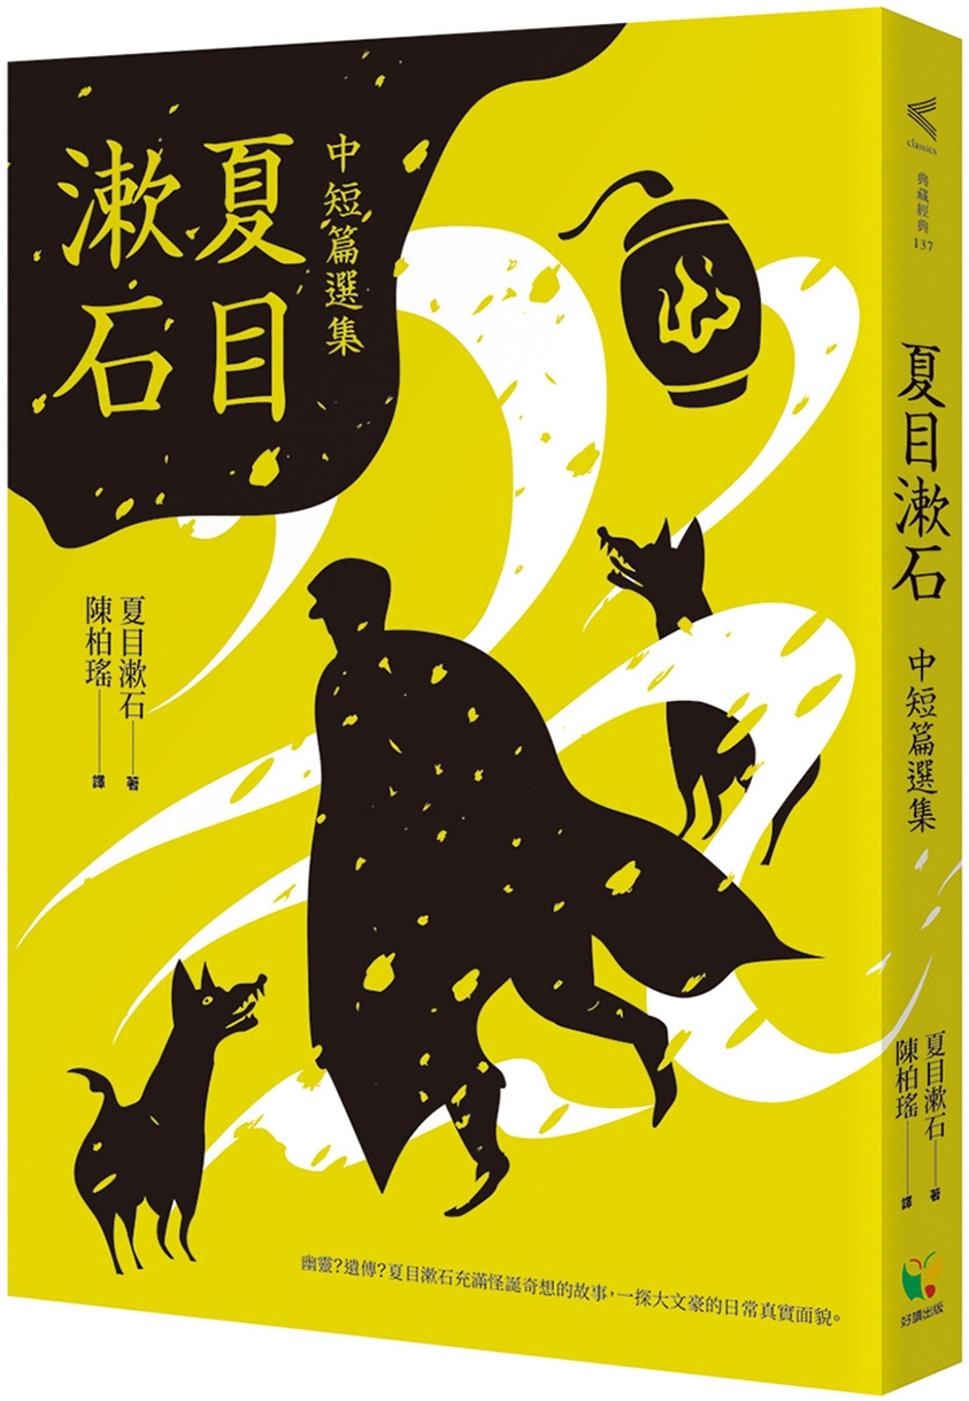 夏目漱石中短篇選集